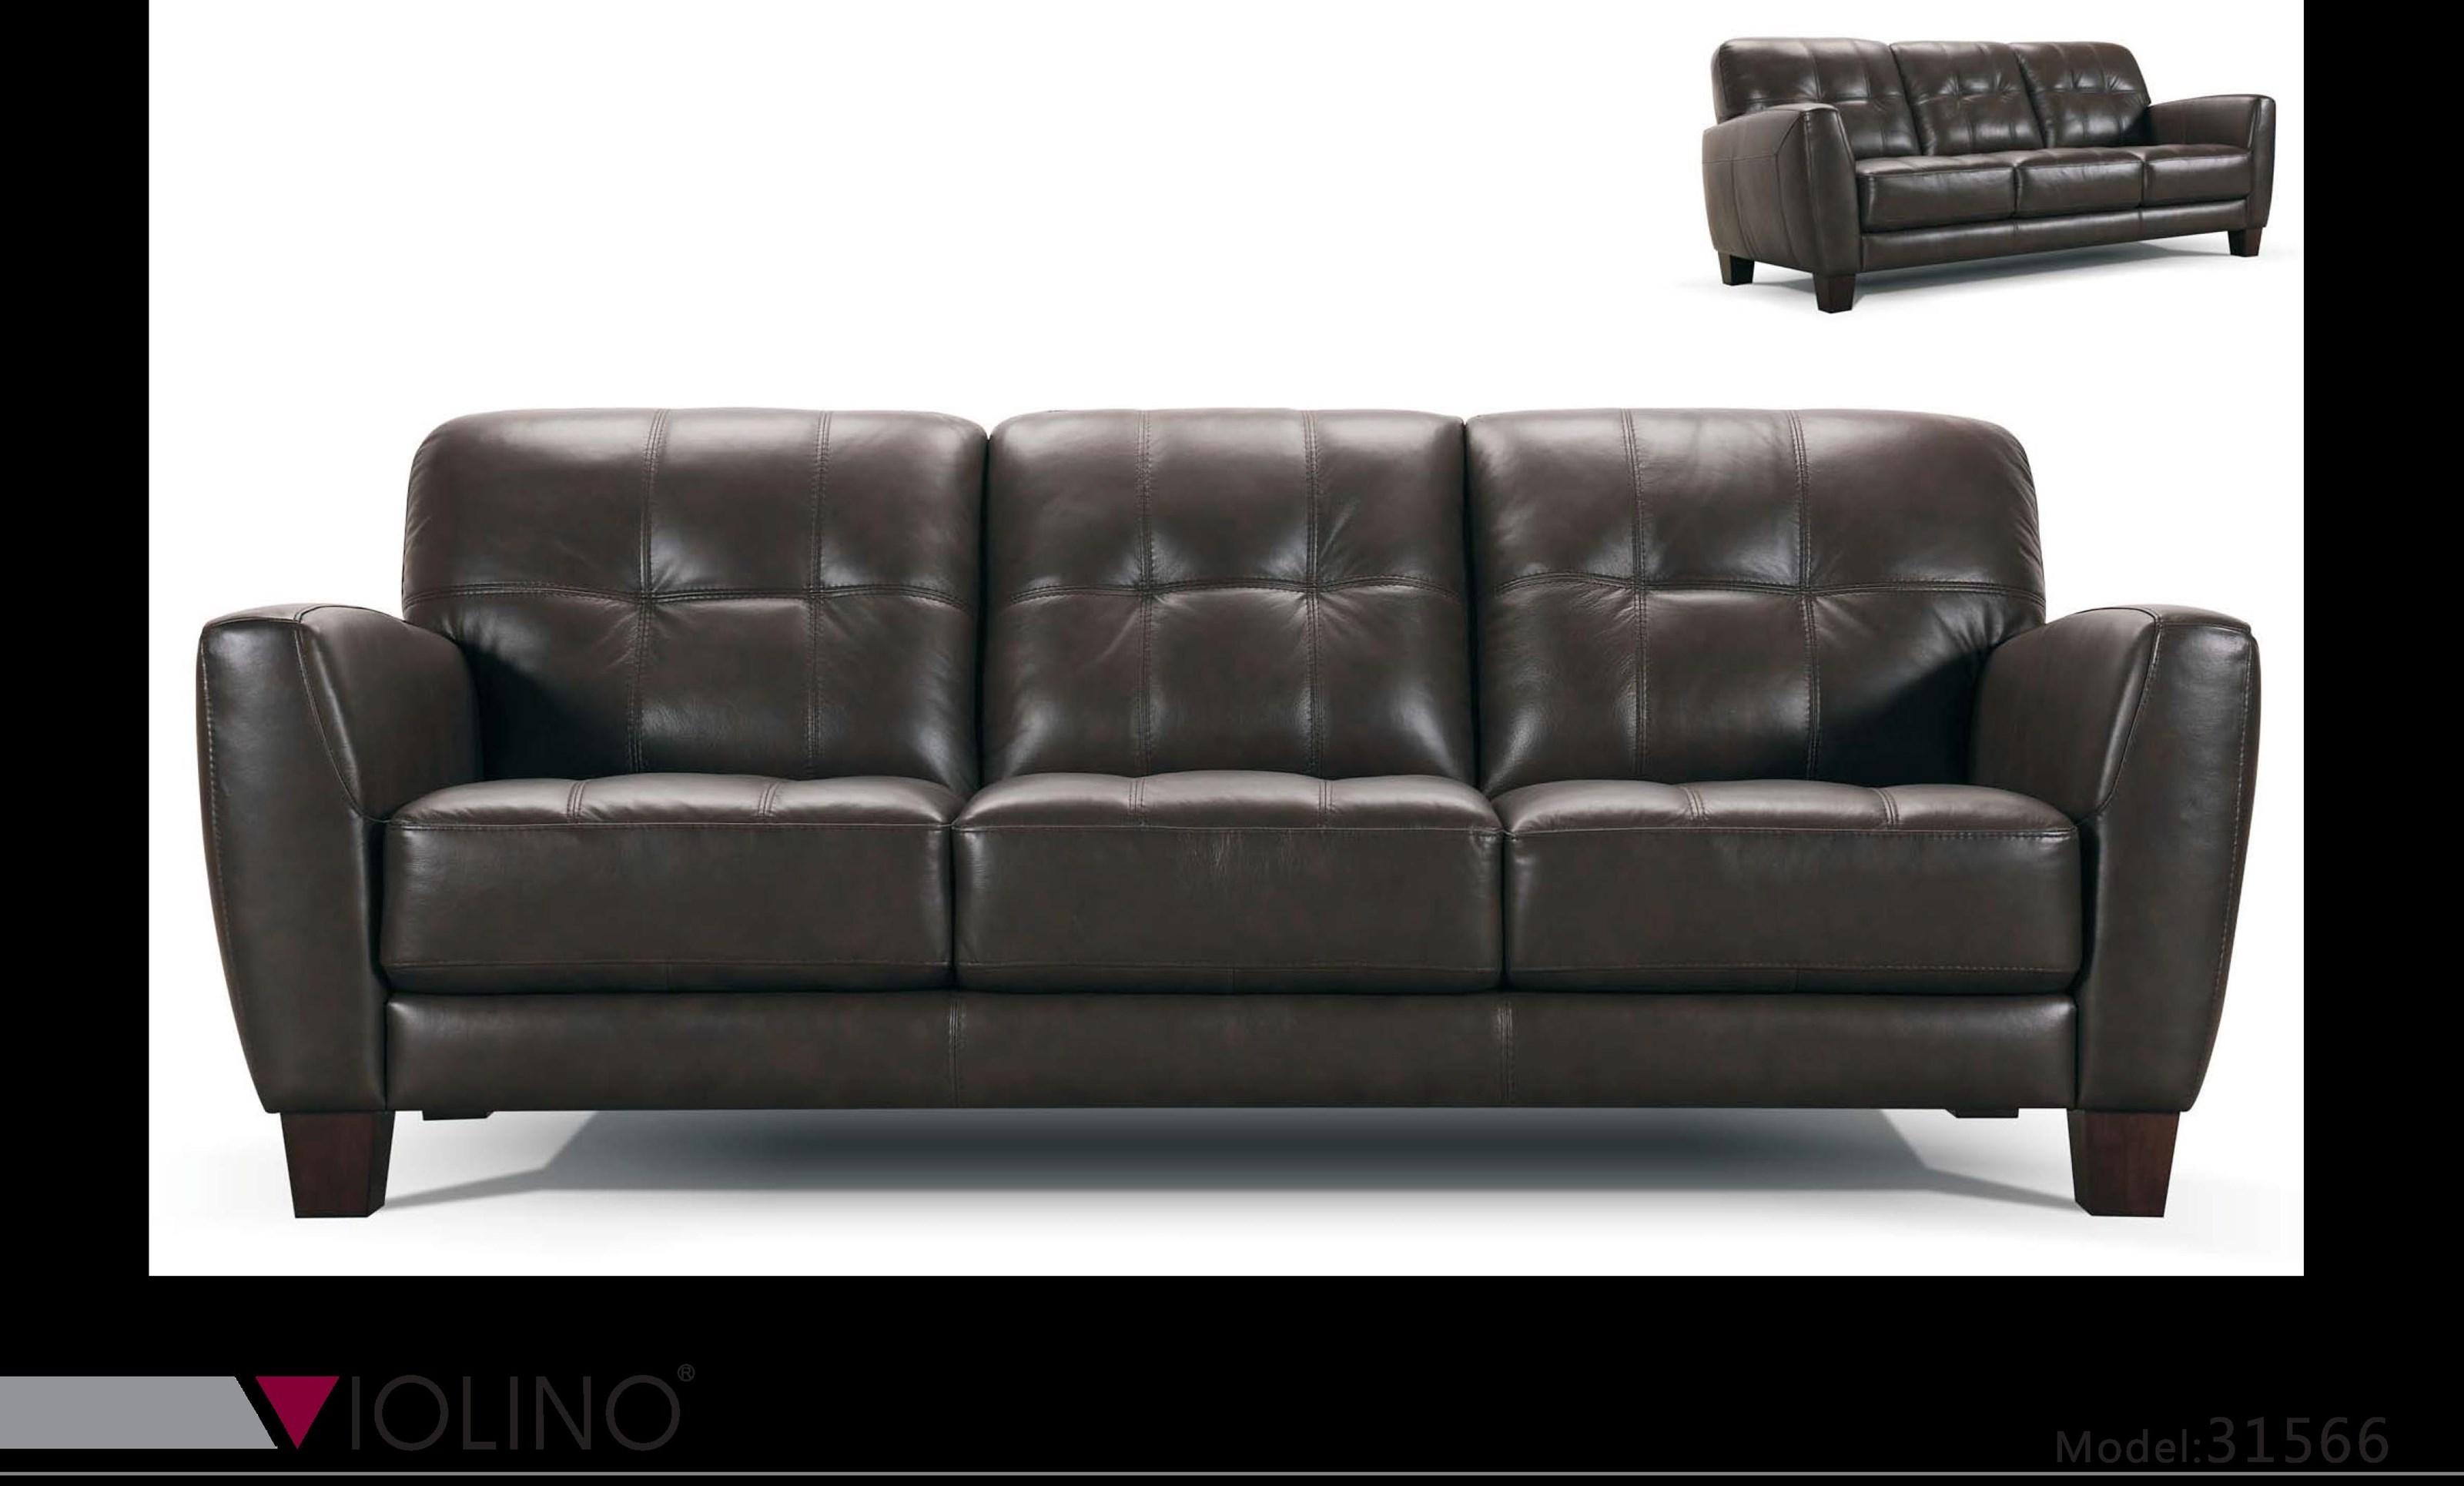 violino 31566 31566 3p tufted leather sofa dunk bright furniture rh dunkandbright com violino leather sofa manufacturer violino leather sofa for sale